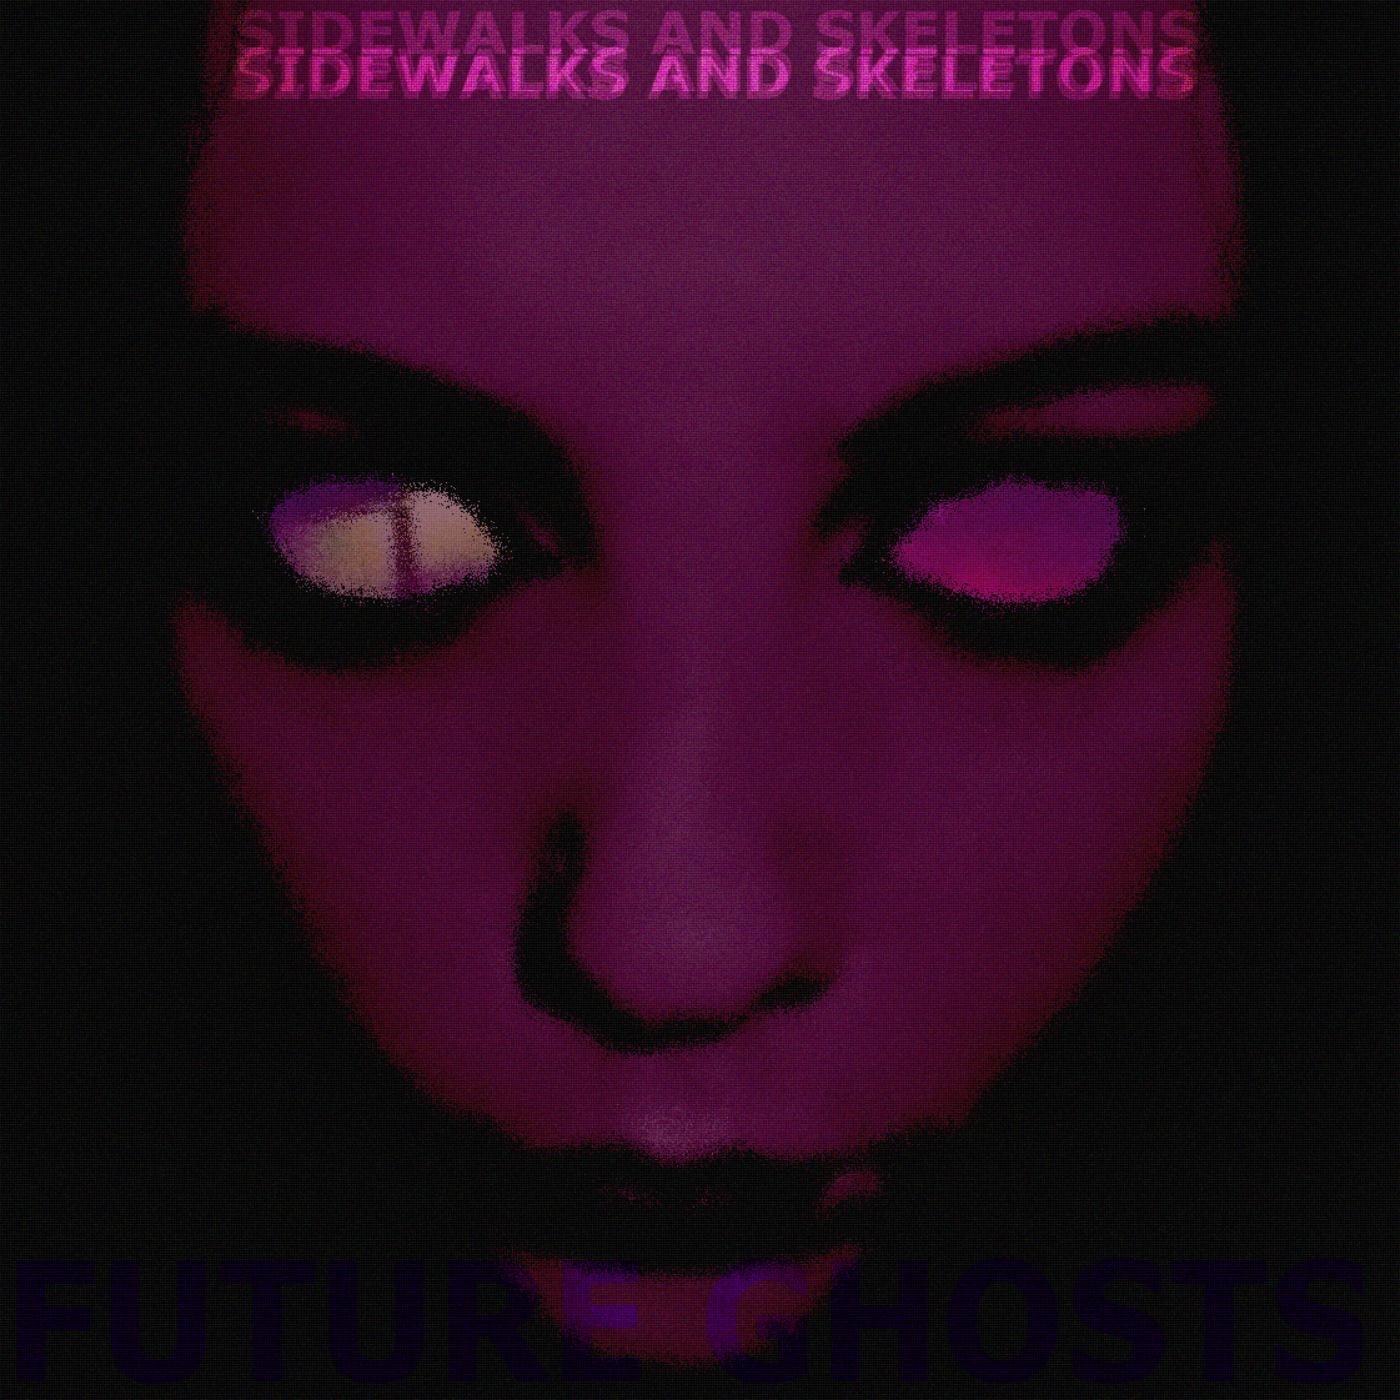 Memory by Sidewalks and Skeletons